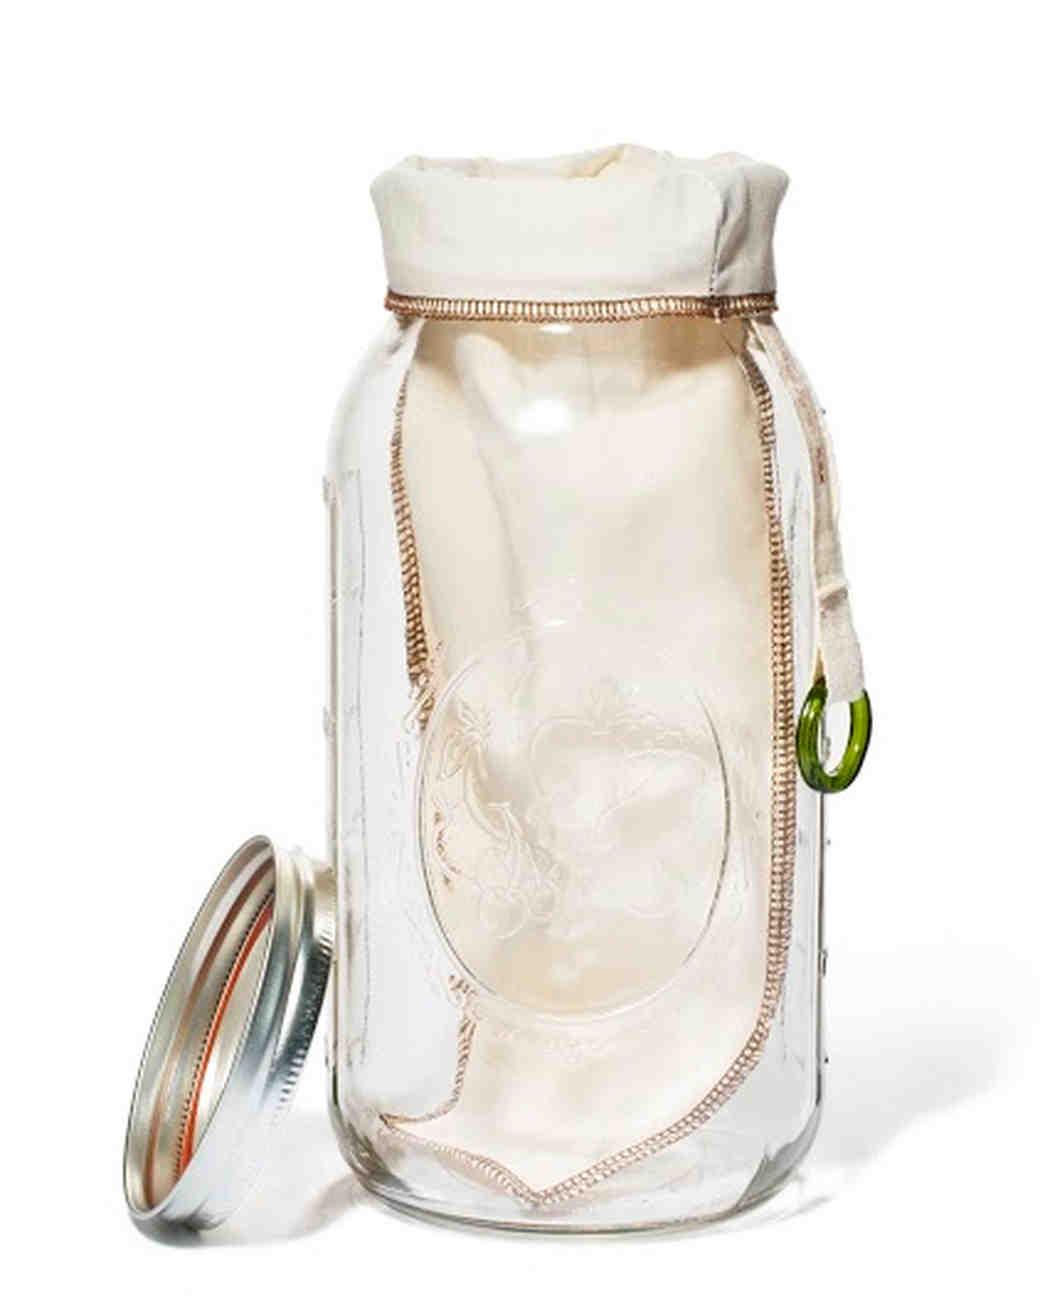 martha-bride-registry-erin-fetherston-diy-cold-brew-coffee-sock-0515.jpg